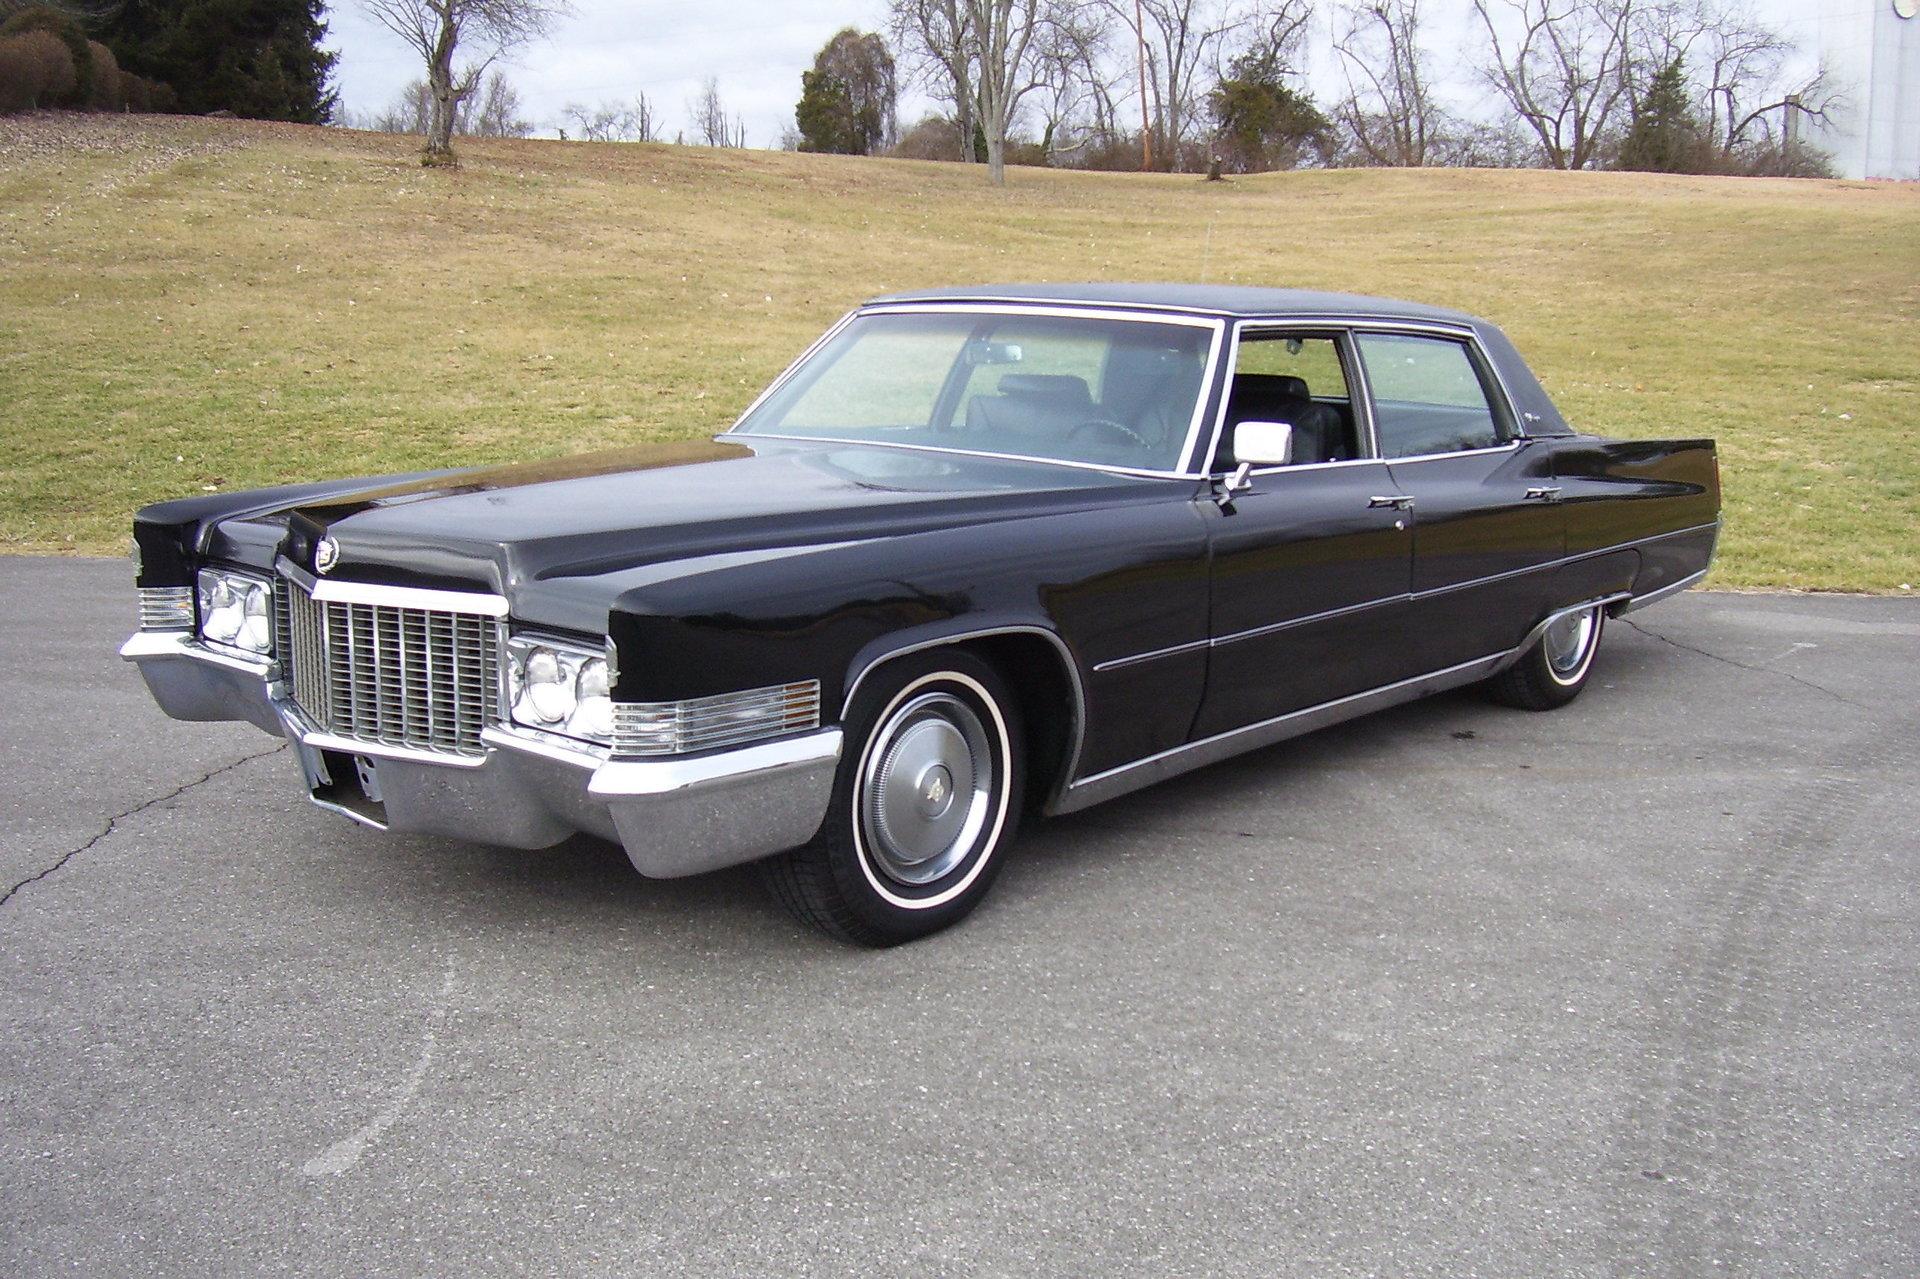 1970 Cadillac Fleetwood   GAA Classic Cars